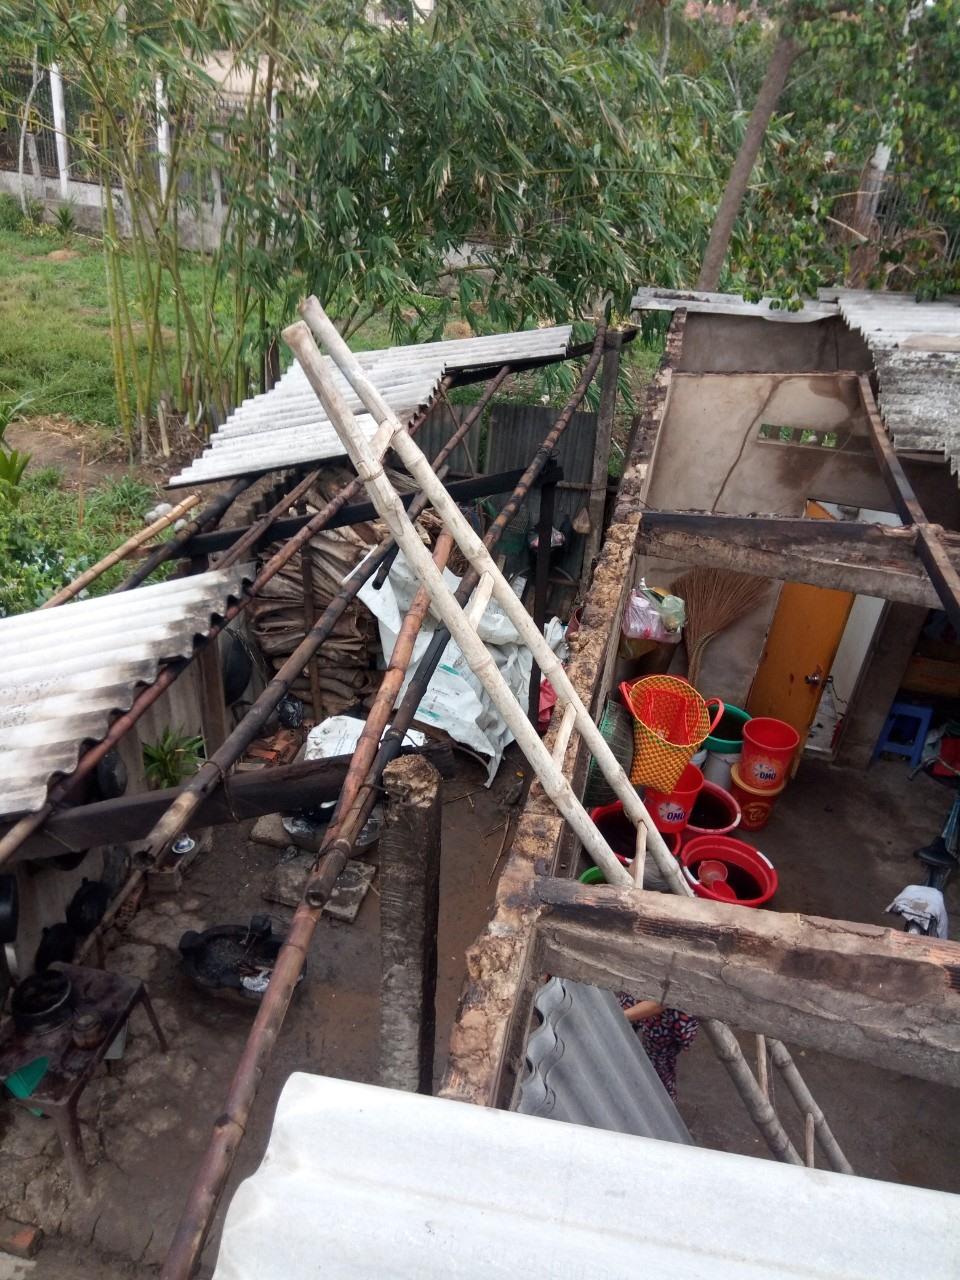 Căn nhà của giáo viên Dương Thái Hồng bị hư hỏng nặng do ốc xoáy. Ảnh: L.N.Đ